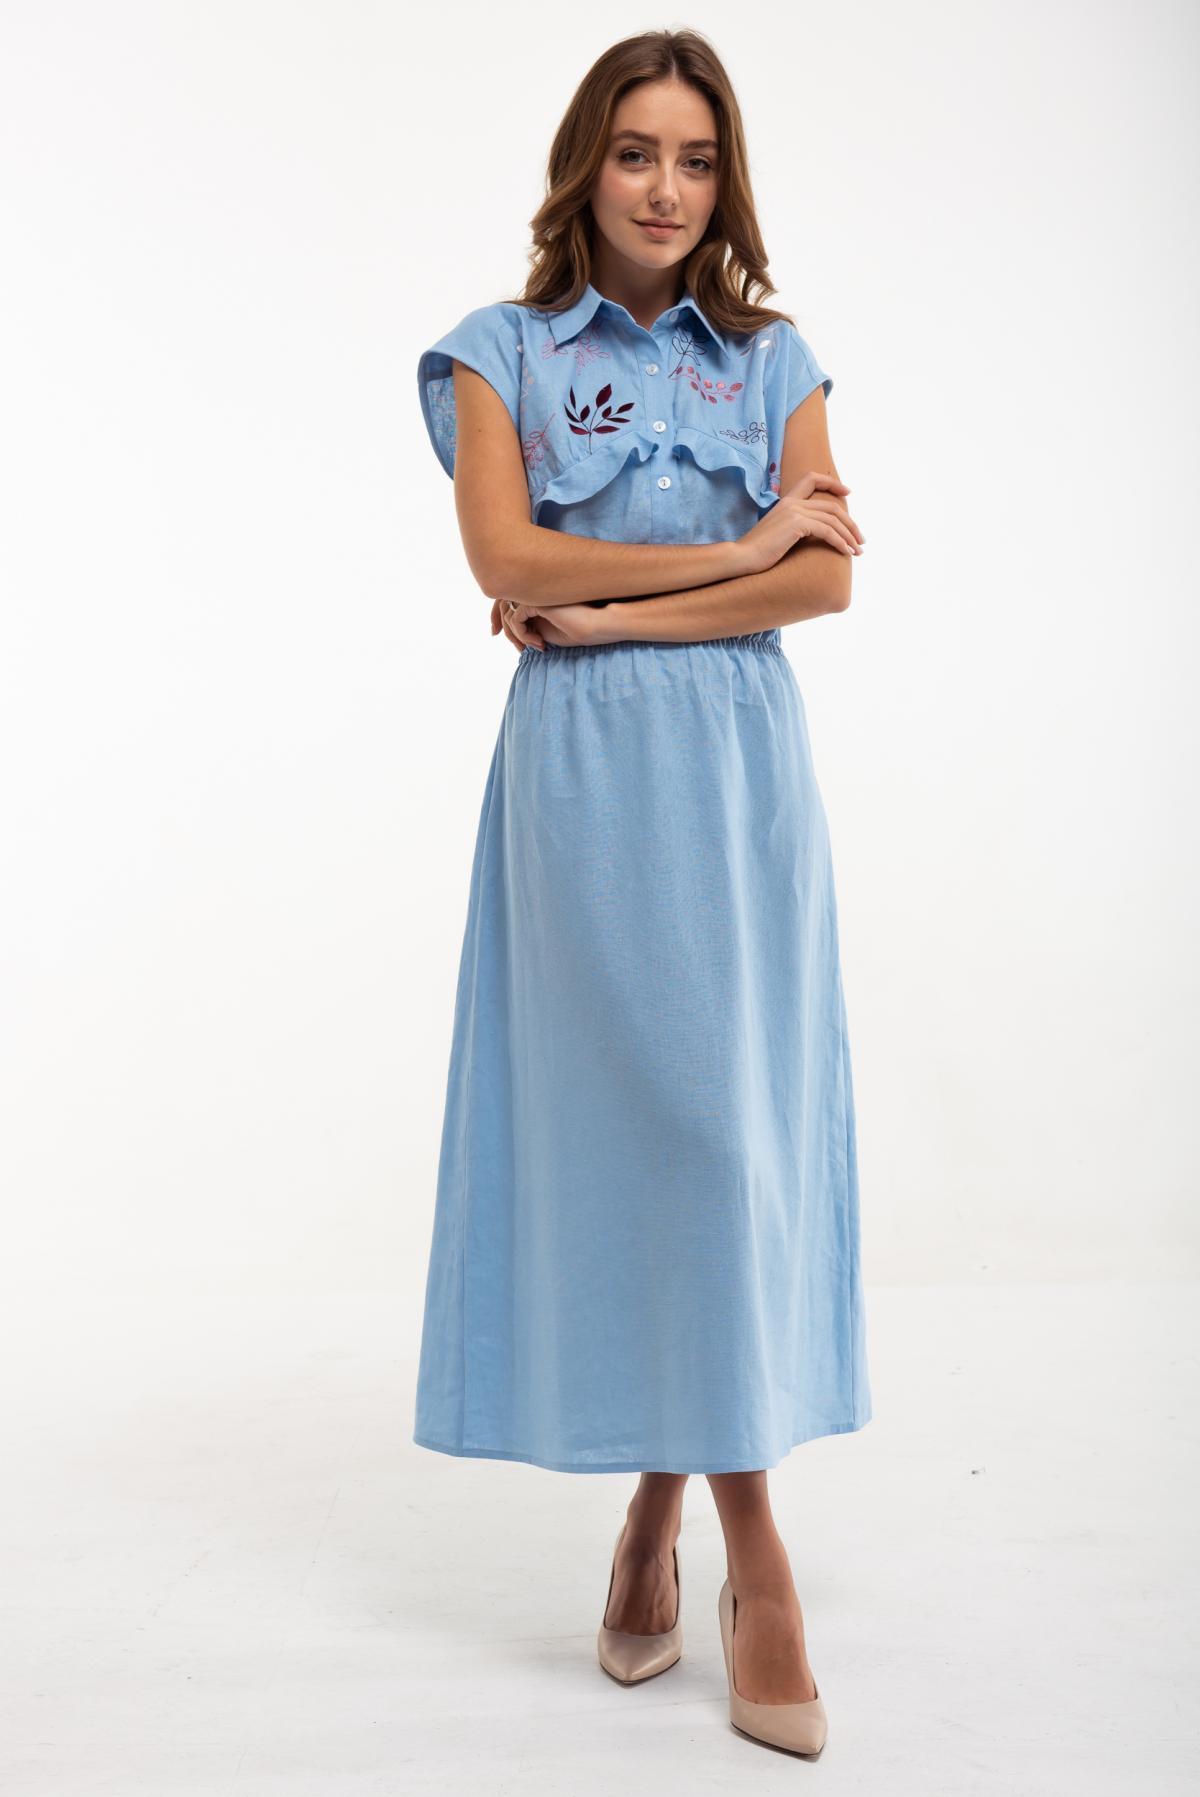 Dress with embroidery Sutsvittya light blue. Photo №1. | Narodnyi dim Ukraine